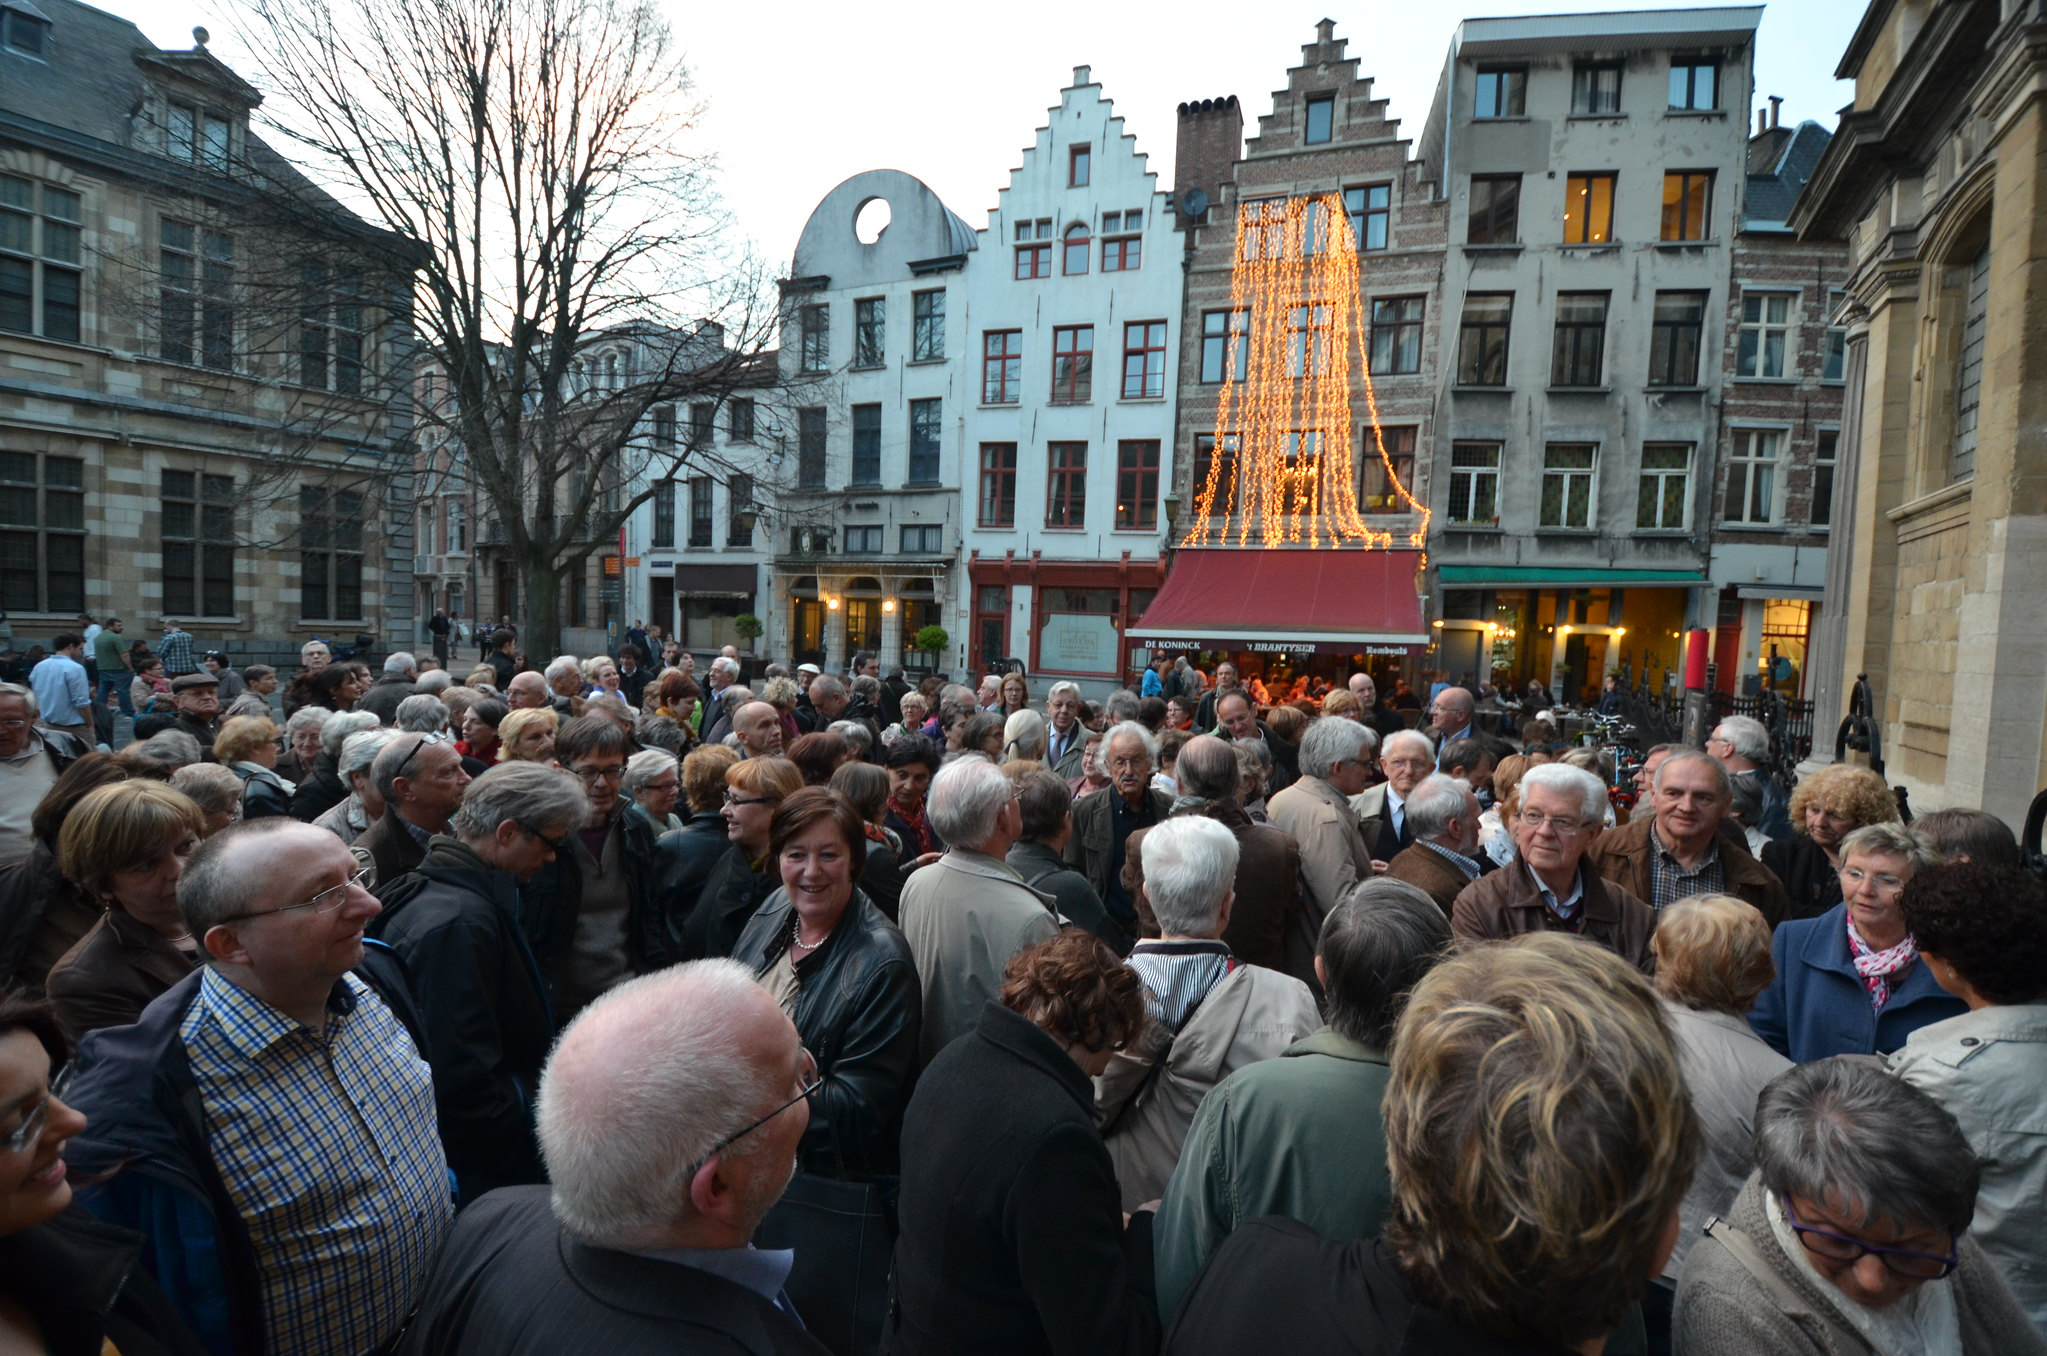 Foto van de rij aanschuivende mensen voor de kerk